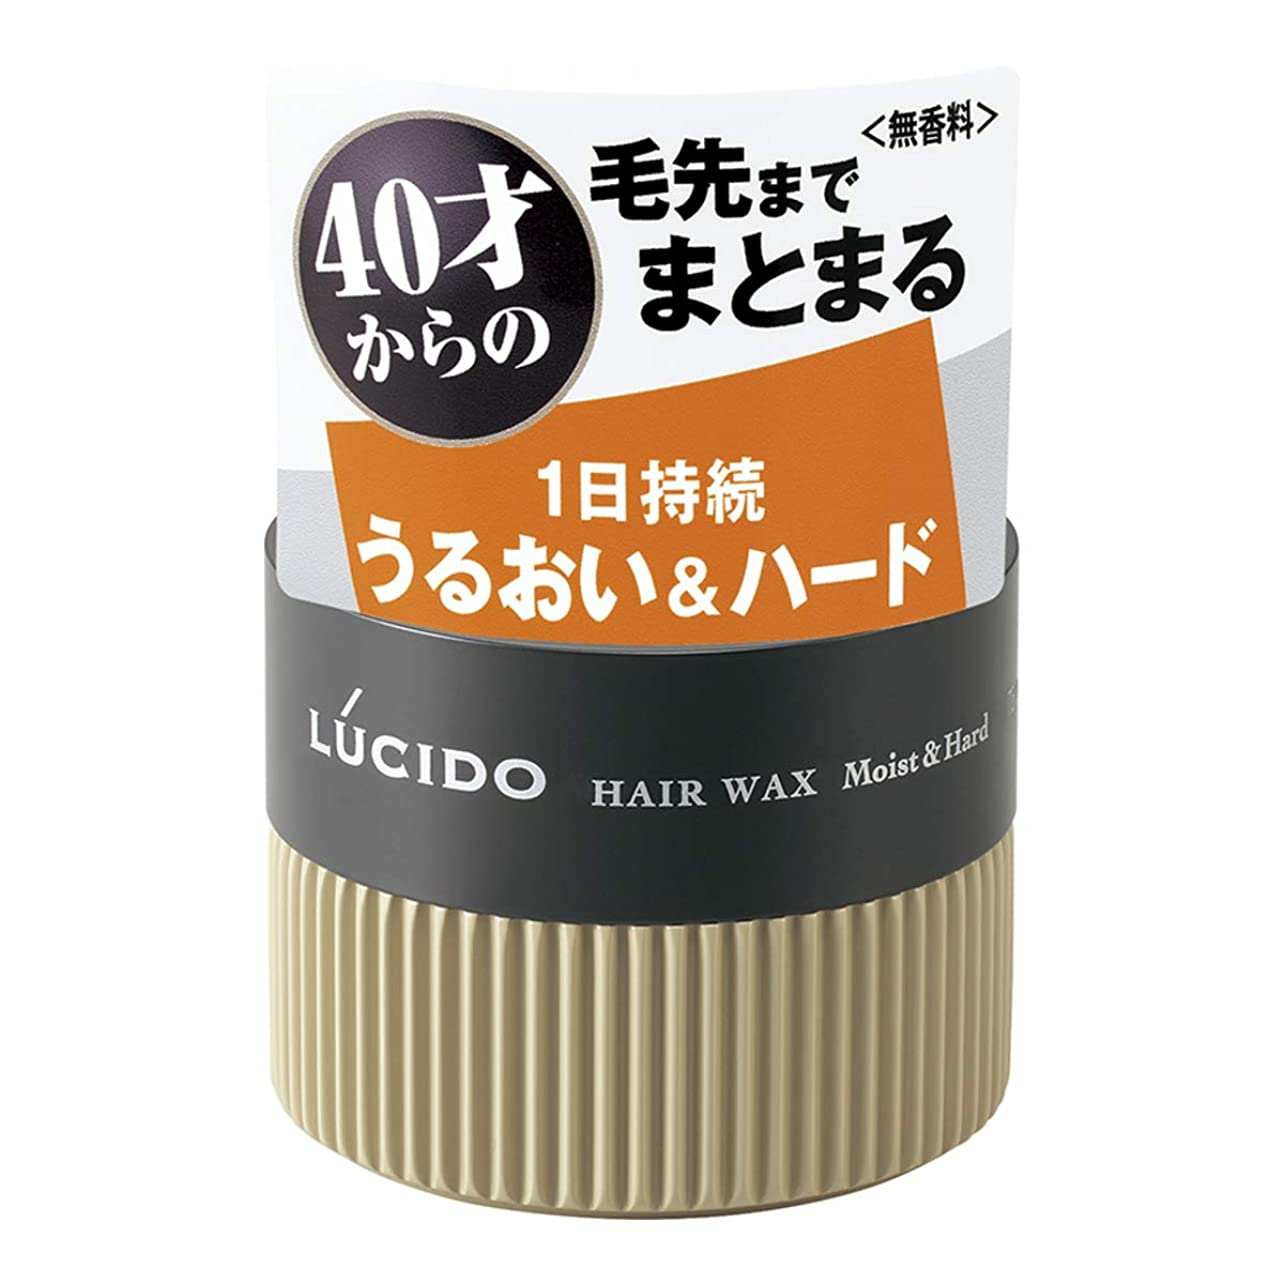 コマンド保存宝LUCIDO(ルシード) ヘアワックス まとまり&ハード 80g